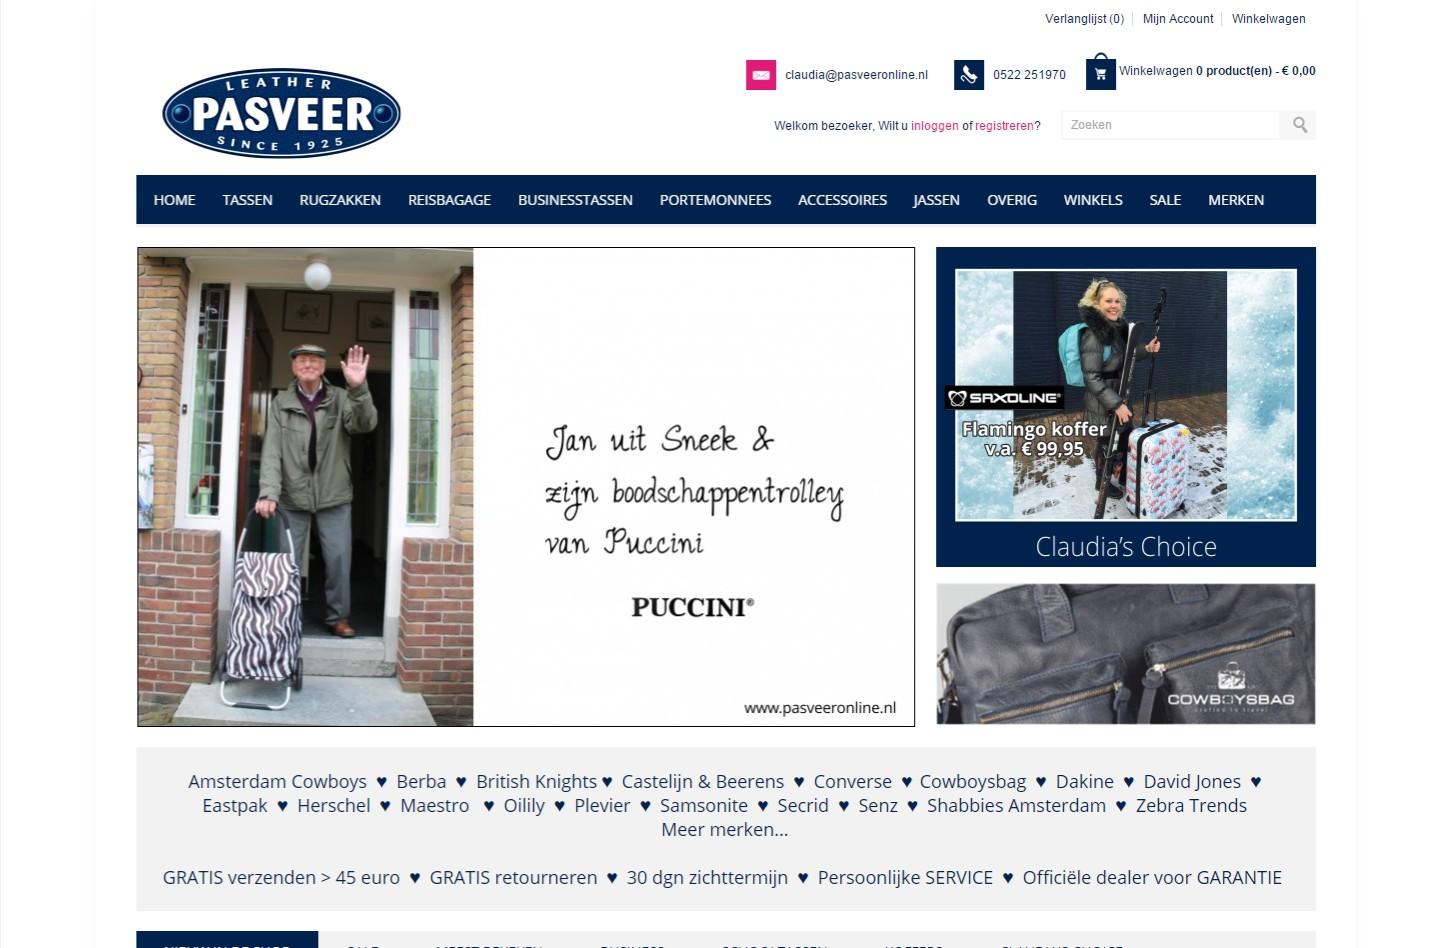 Webshop met voorraad en prijzen via het kassasysteem verbonden met 6 vestigingen +++www.pasveeronline.nl